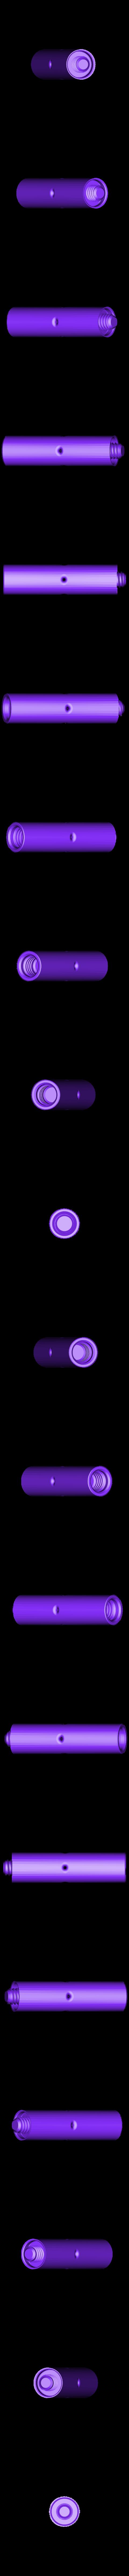 105mm_SmallRod.STL Télécharger fichier STL gratuit Le porte-bobine universel - Page principale • Design pour imprimante 3D, Balkhagal4D